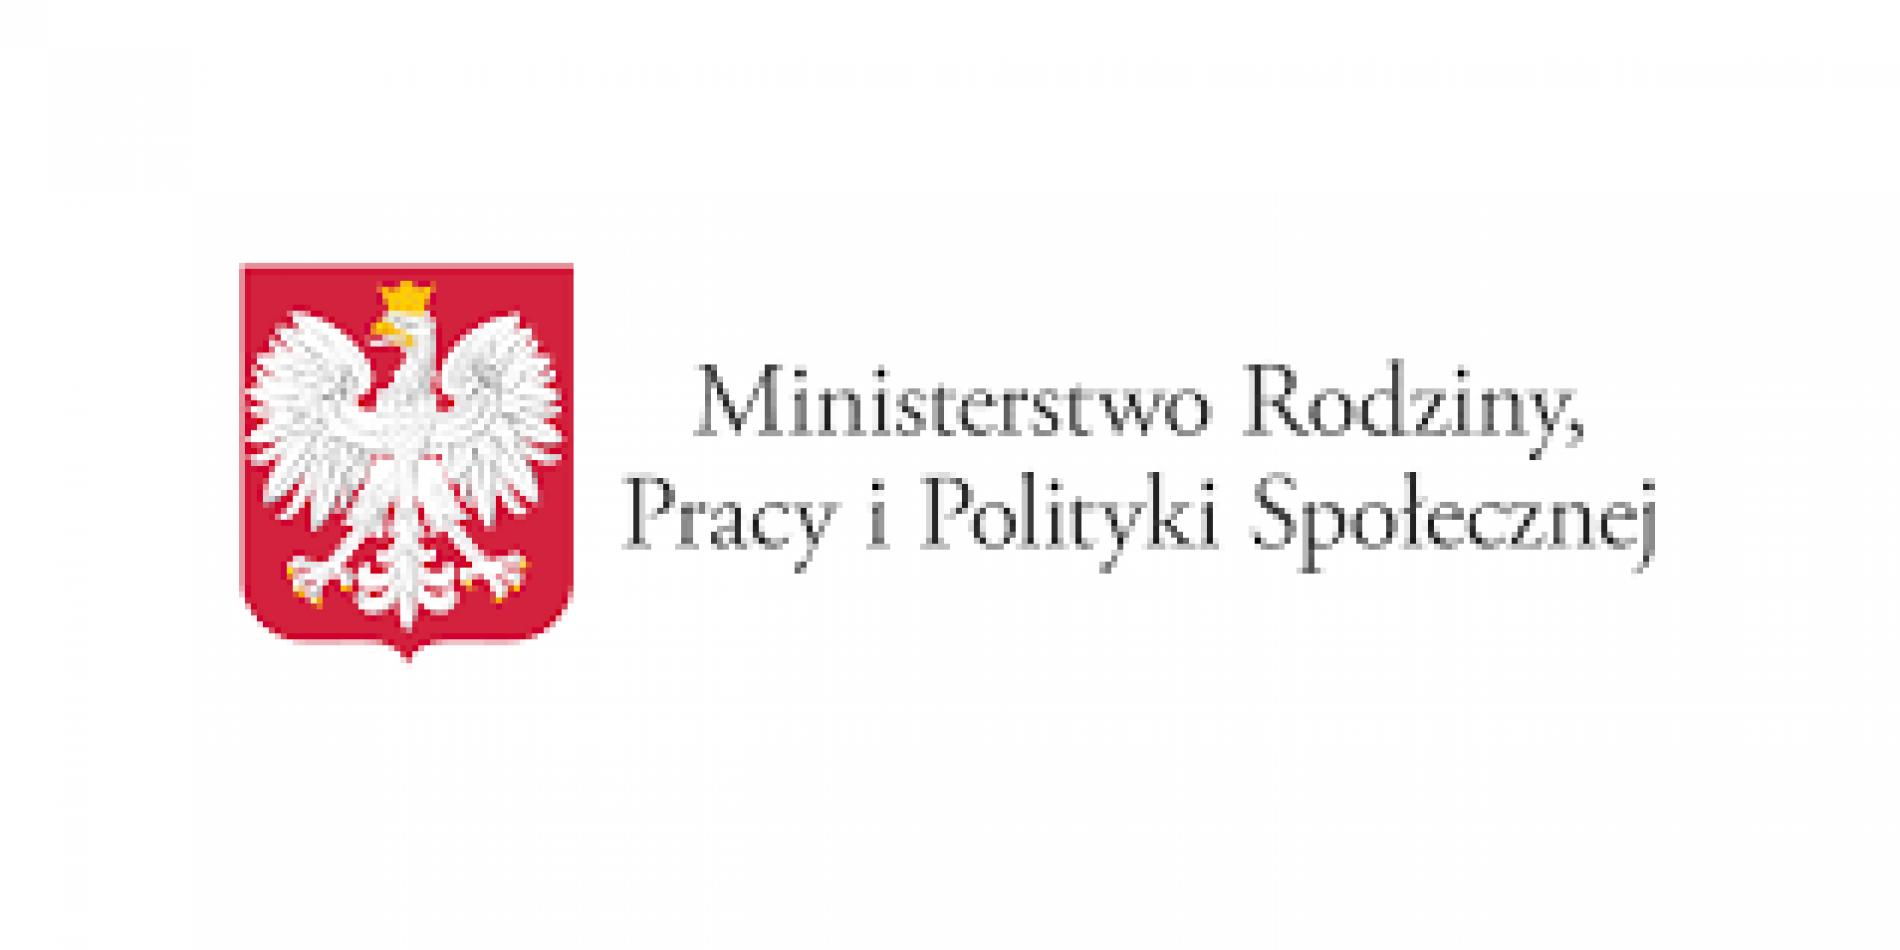 W nocy w całej Polsce zostanie przeprowadzone liczenie osób bezdomnych